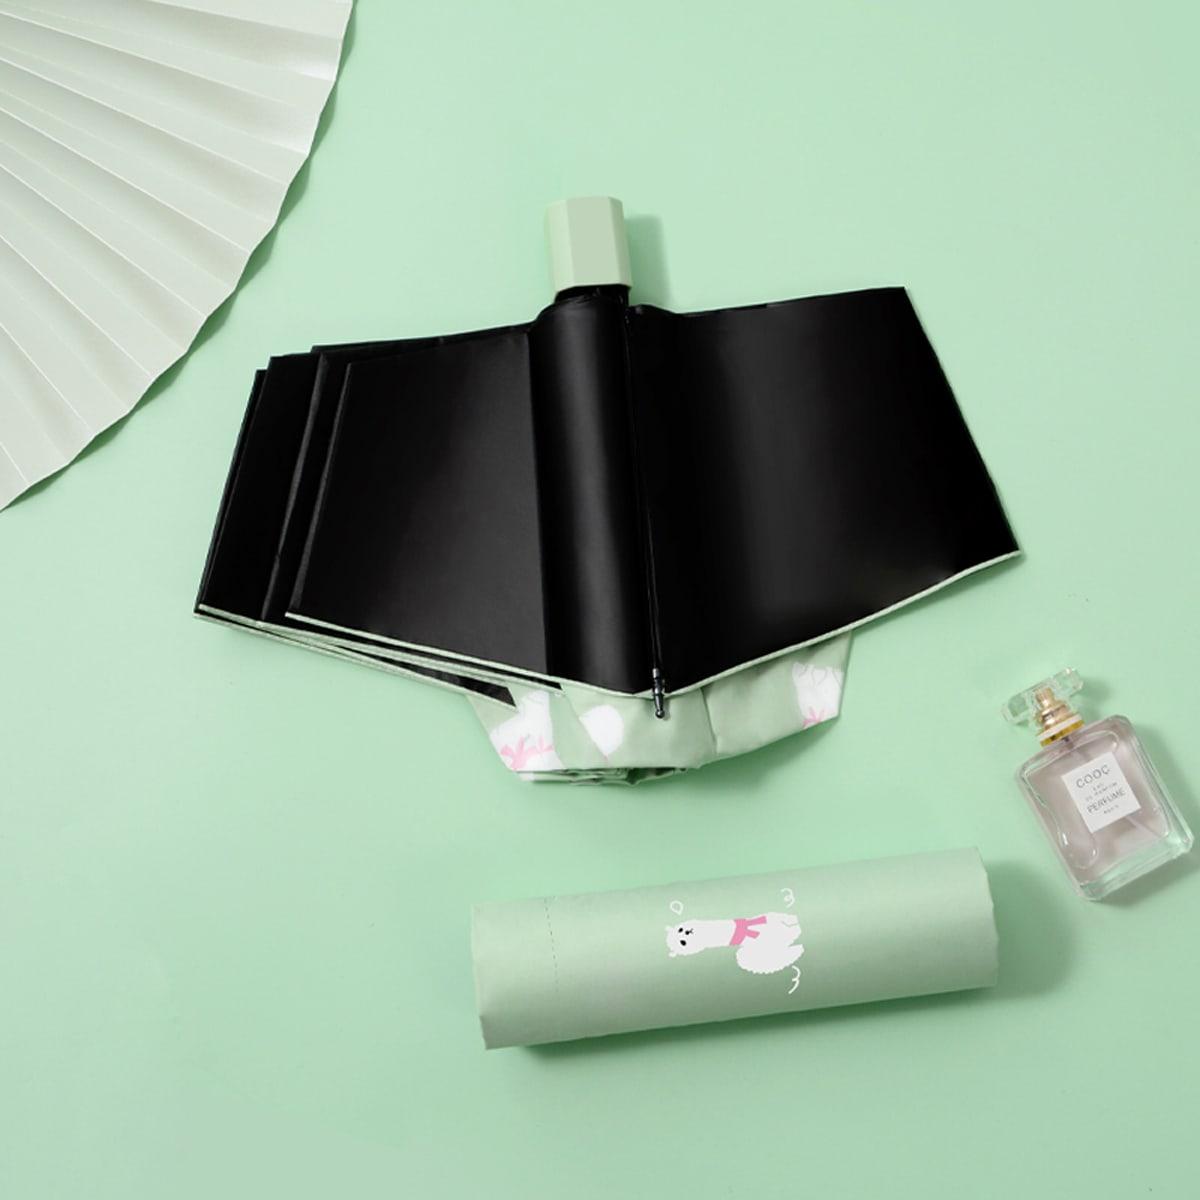 Солнцезащитный зонт с мультипликационным принтом